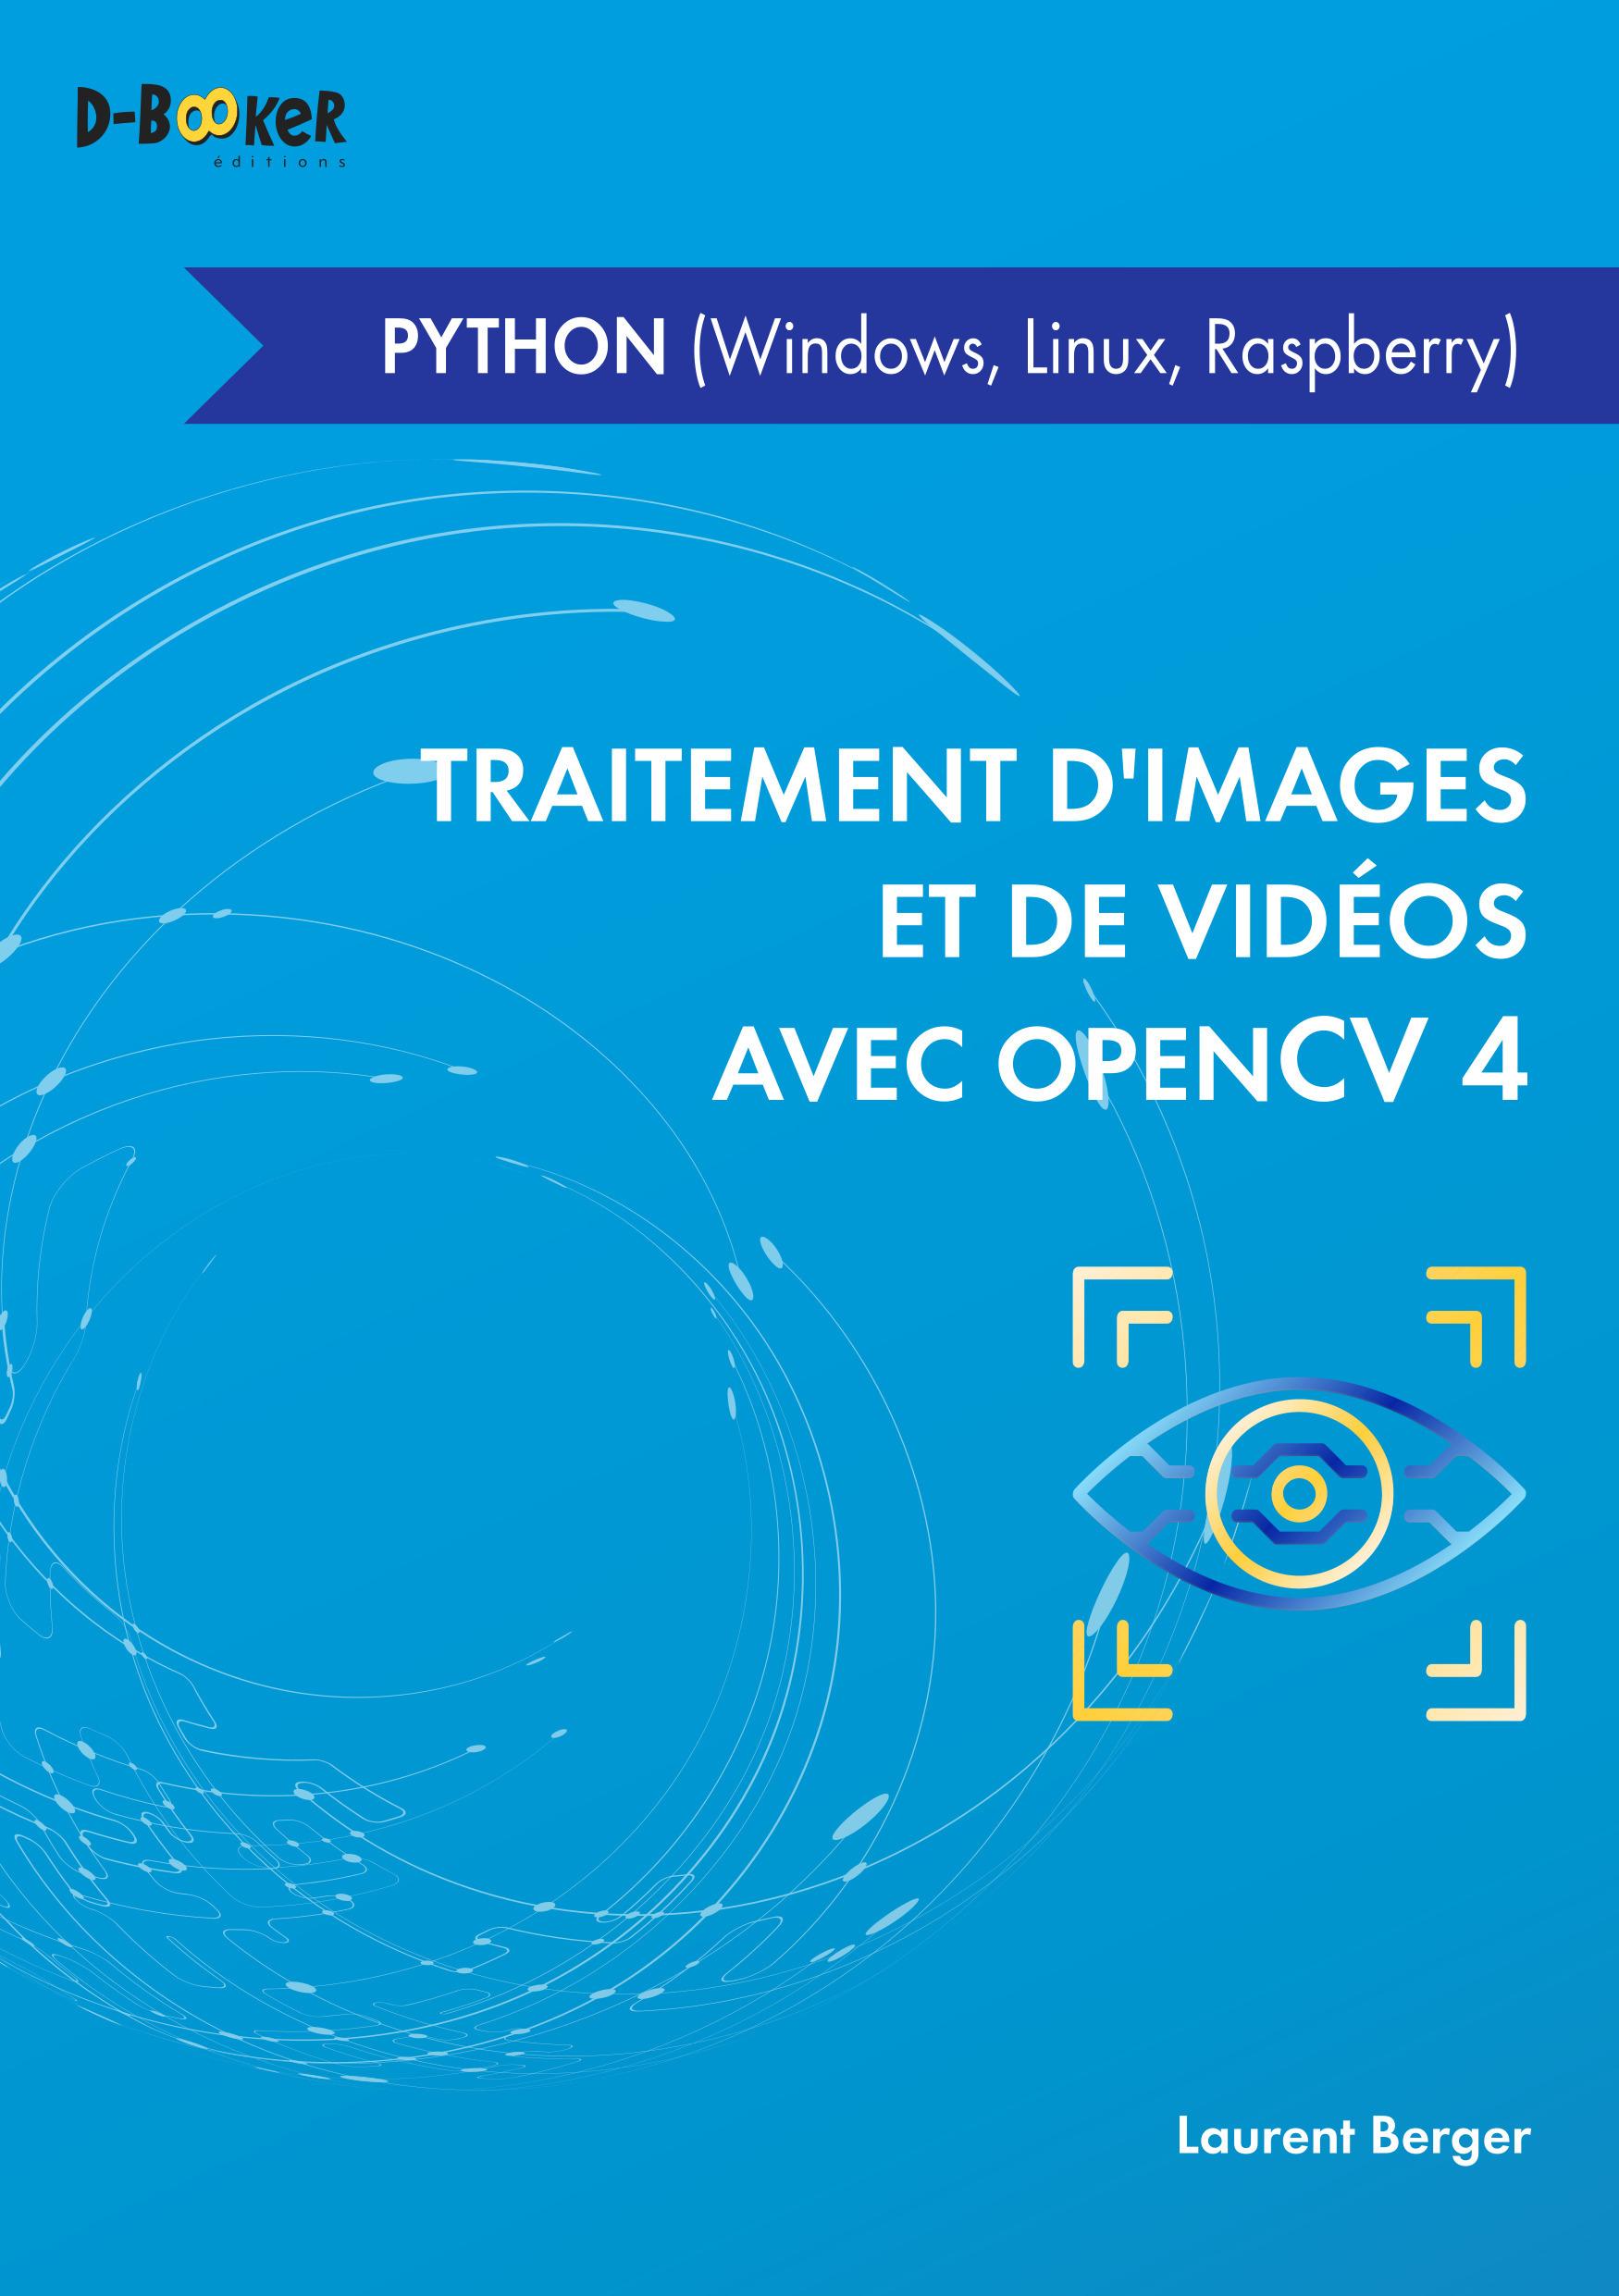 Traitement d'images et de vidéo avec OpenCV 4 ; en Python (Windows, Linux, Raspberry)